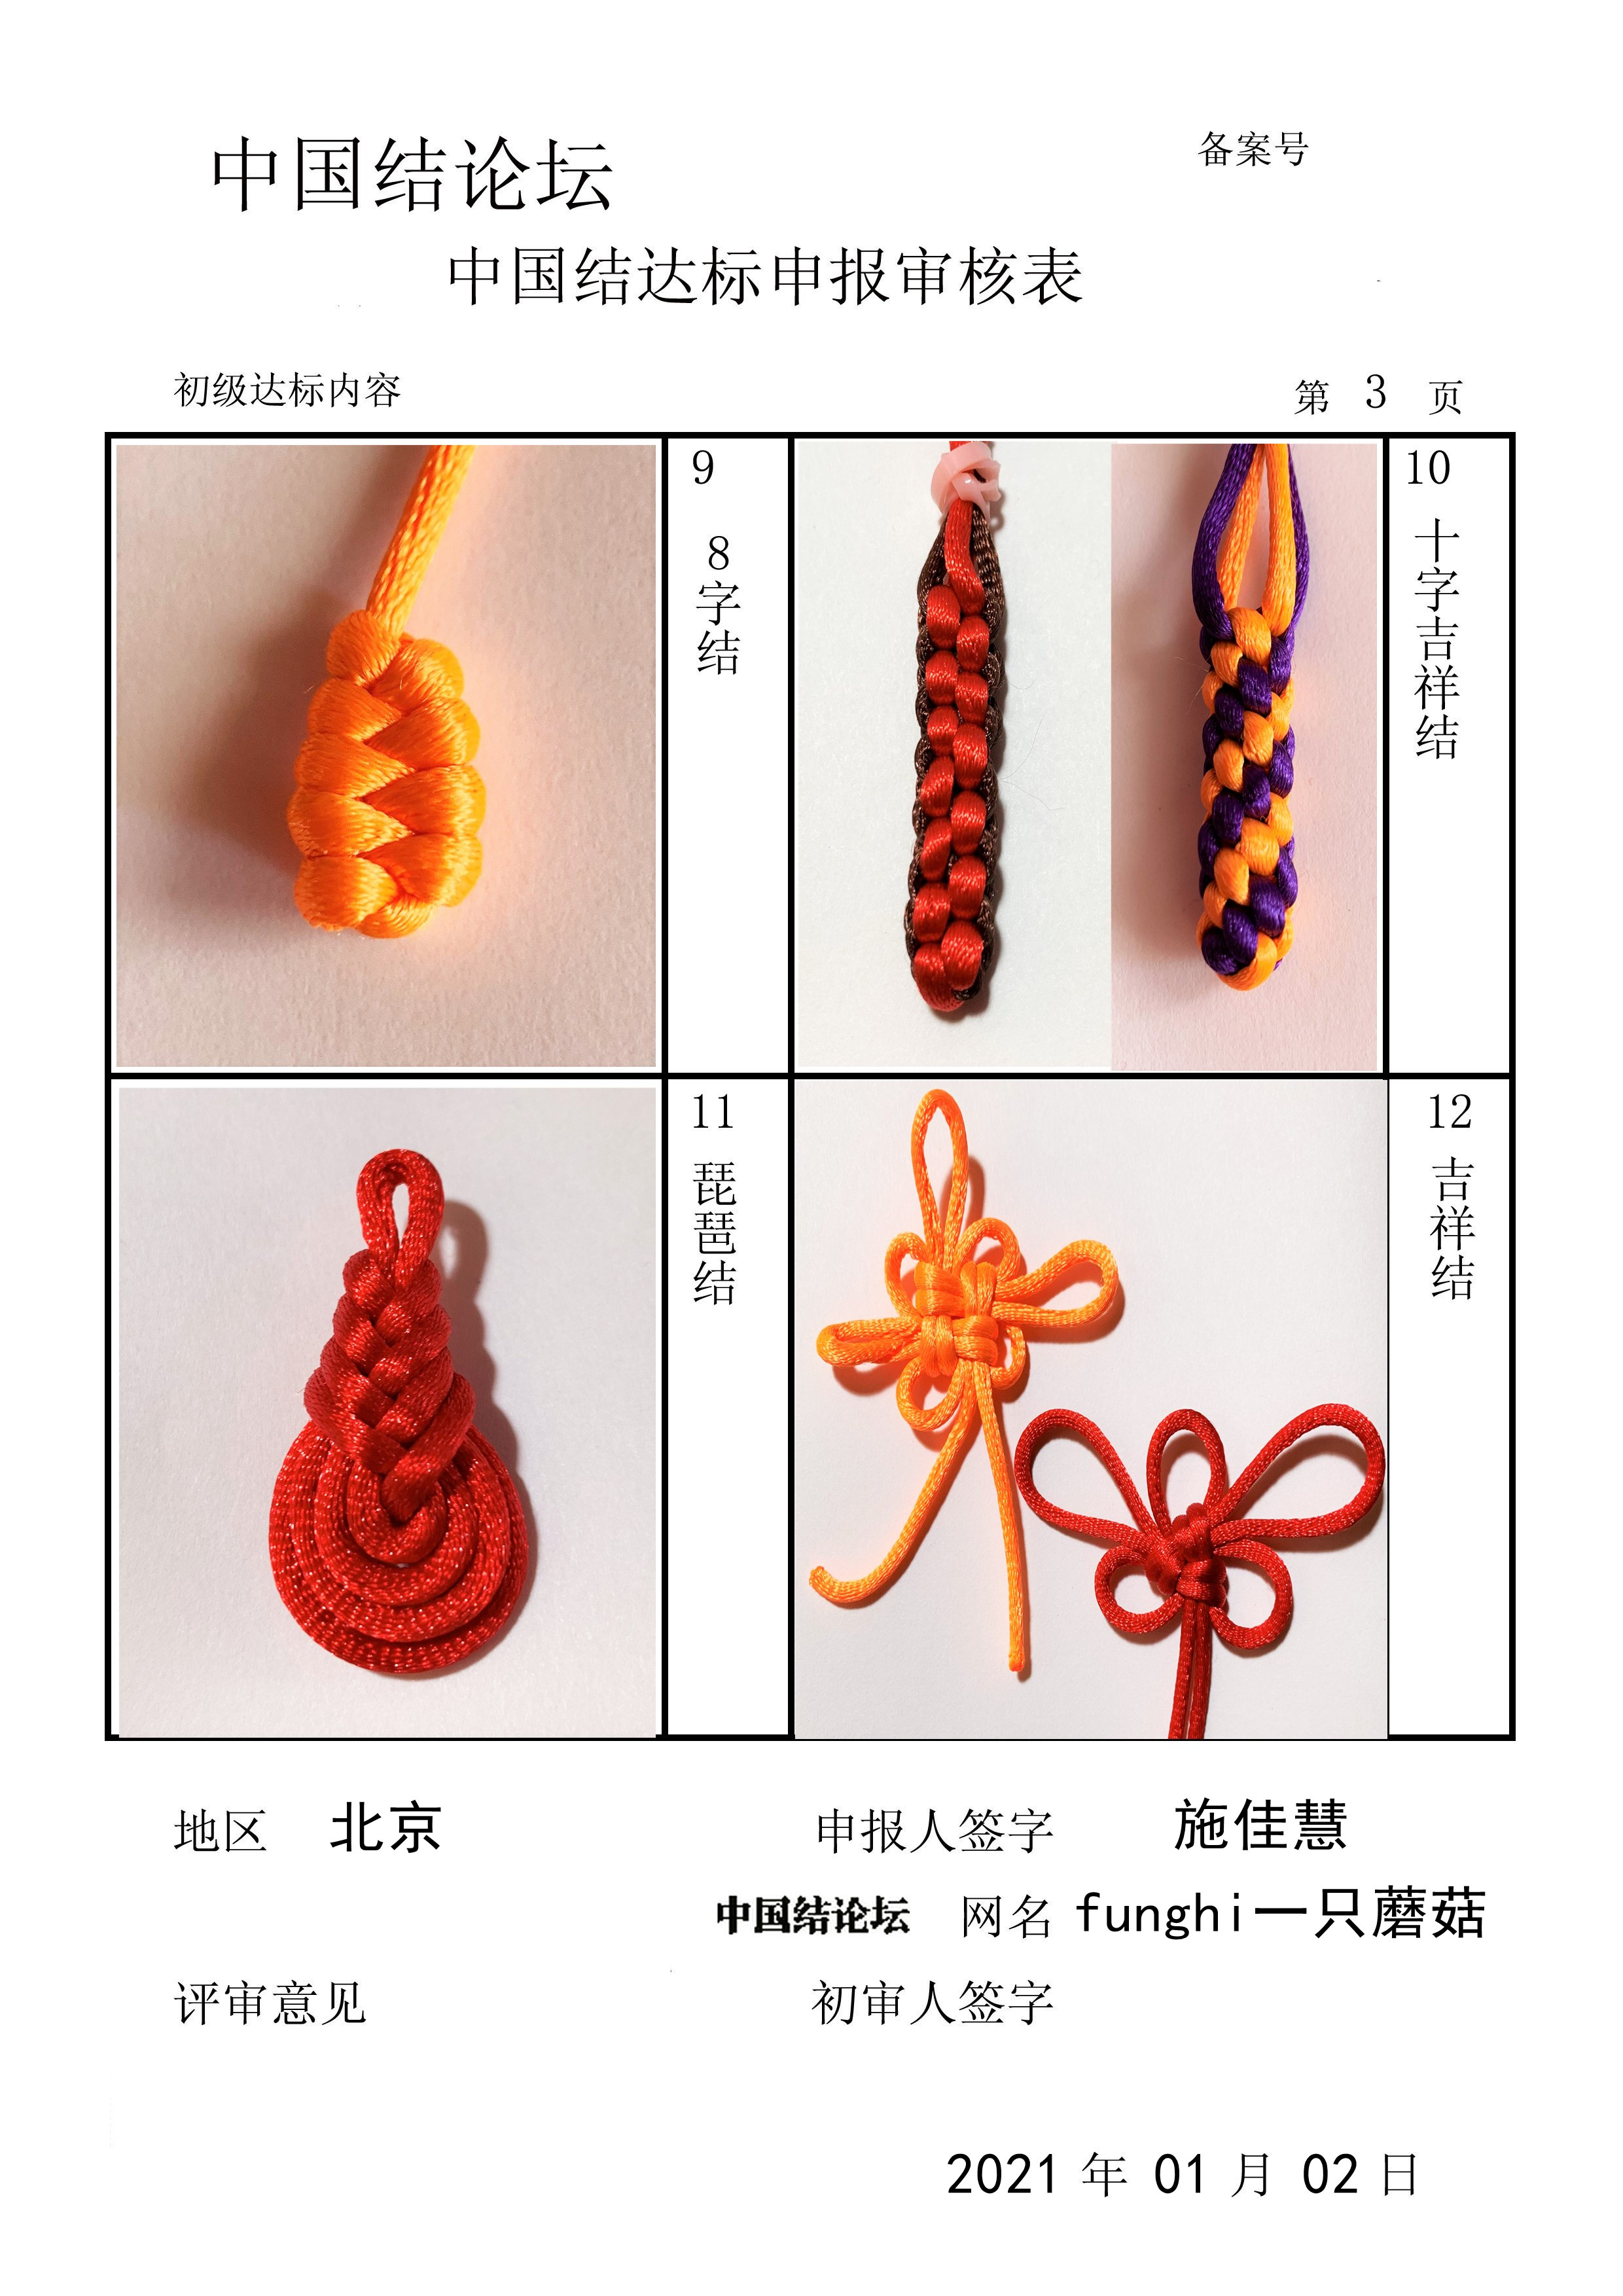 中国结论坛 funghi一只蘑菇——初级达标审核申请 蘑菇丁企业审核多久,蘑菇贷坑人,白蘑菇,蘑菇,一什么蘑菇 中国绳结艺术分级达标审核 230005bsr9yagcyj9cajmv